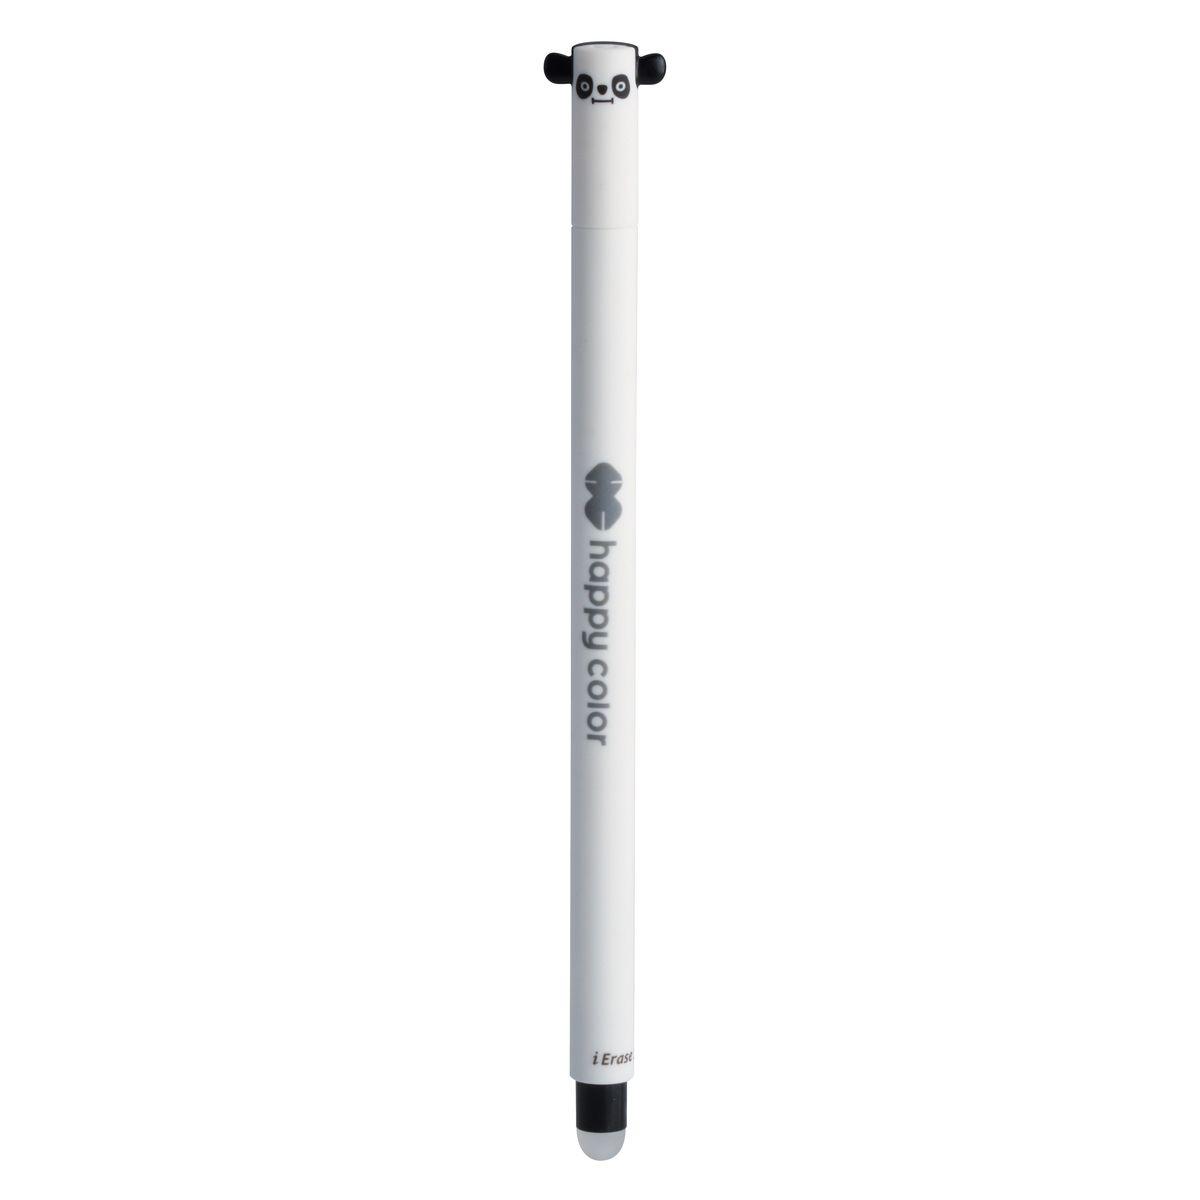 Długopis usuwalny Uszaki 0,5mm, 1 szt. (388258)